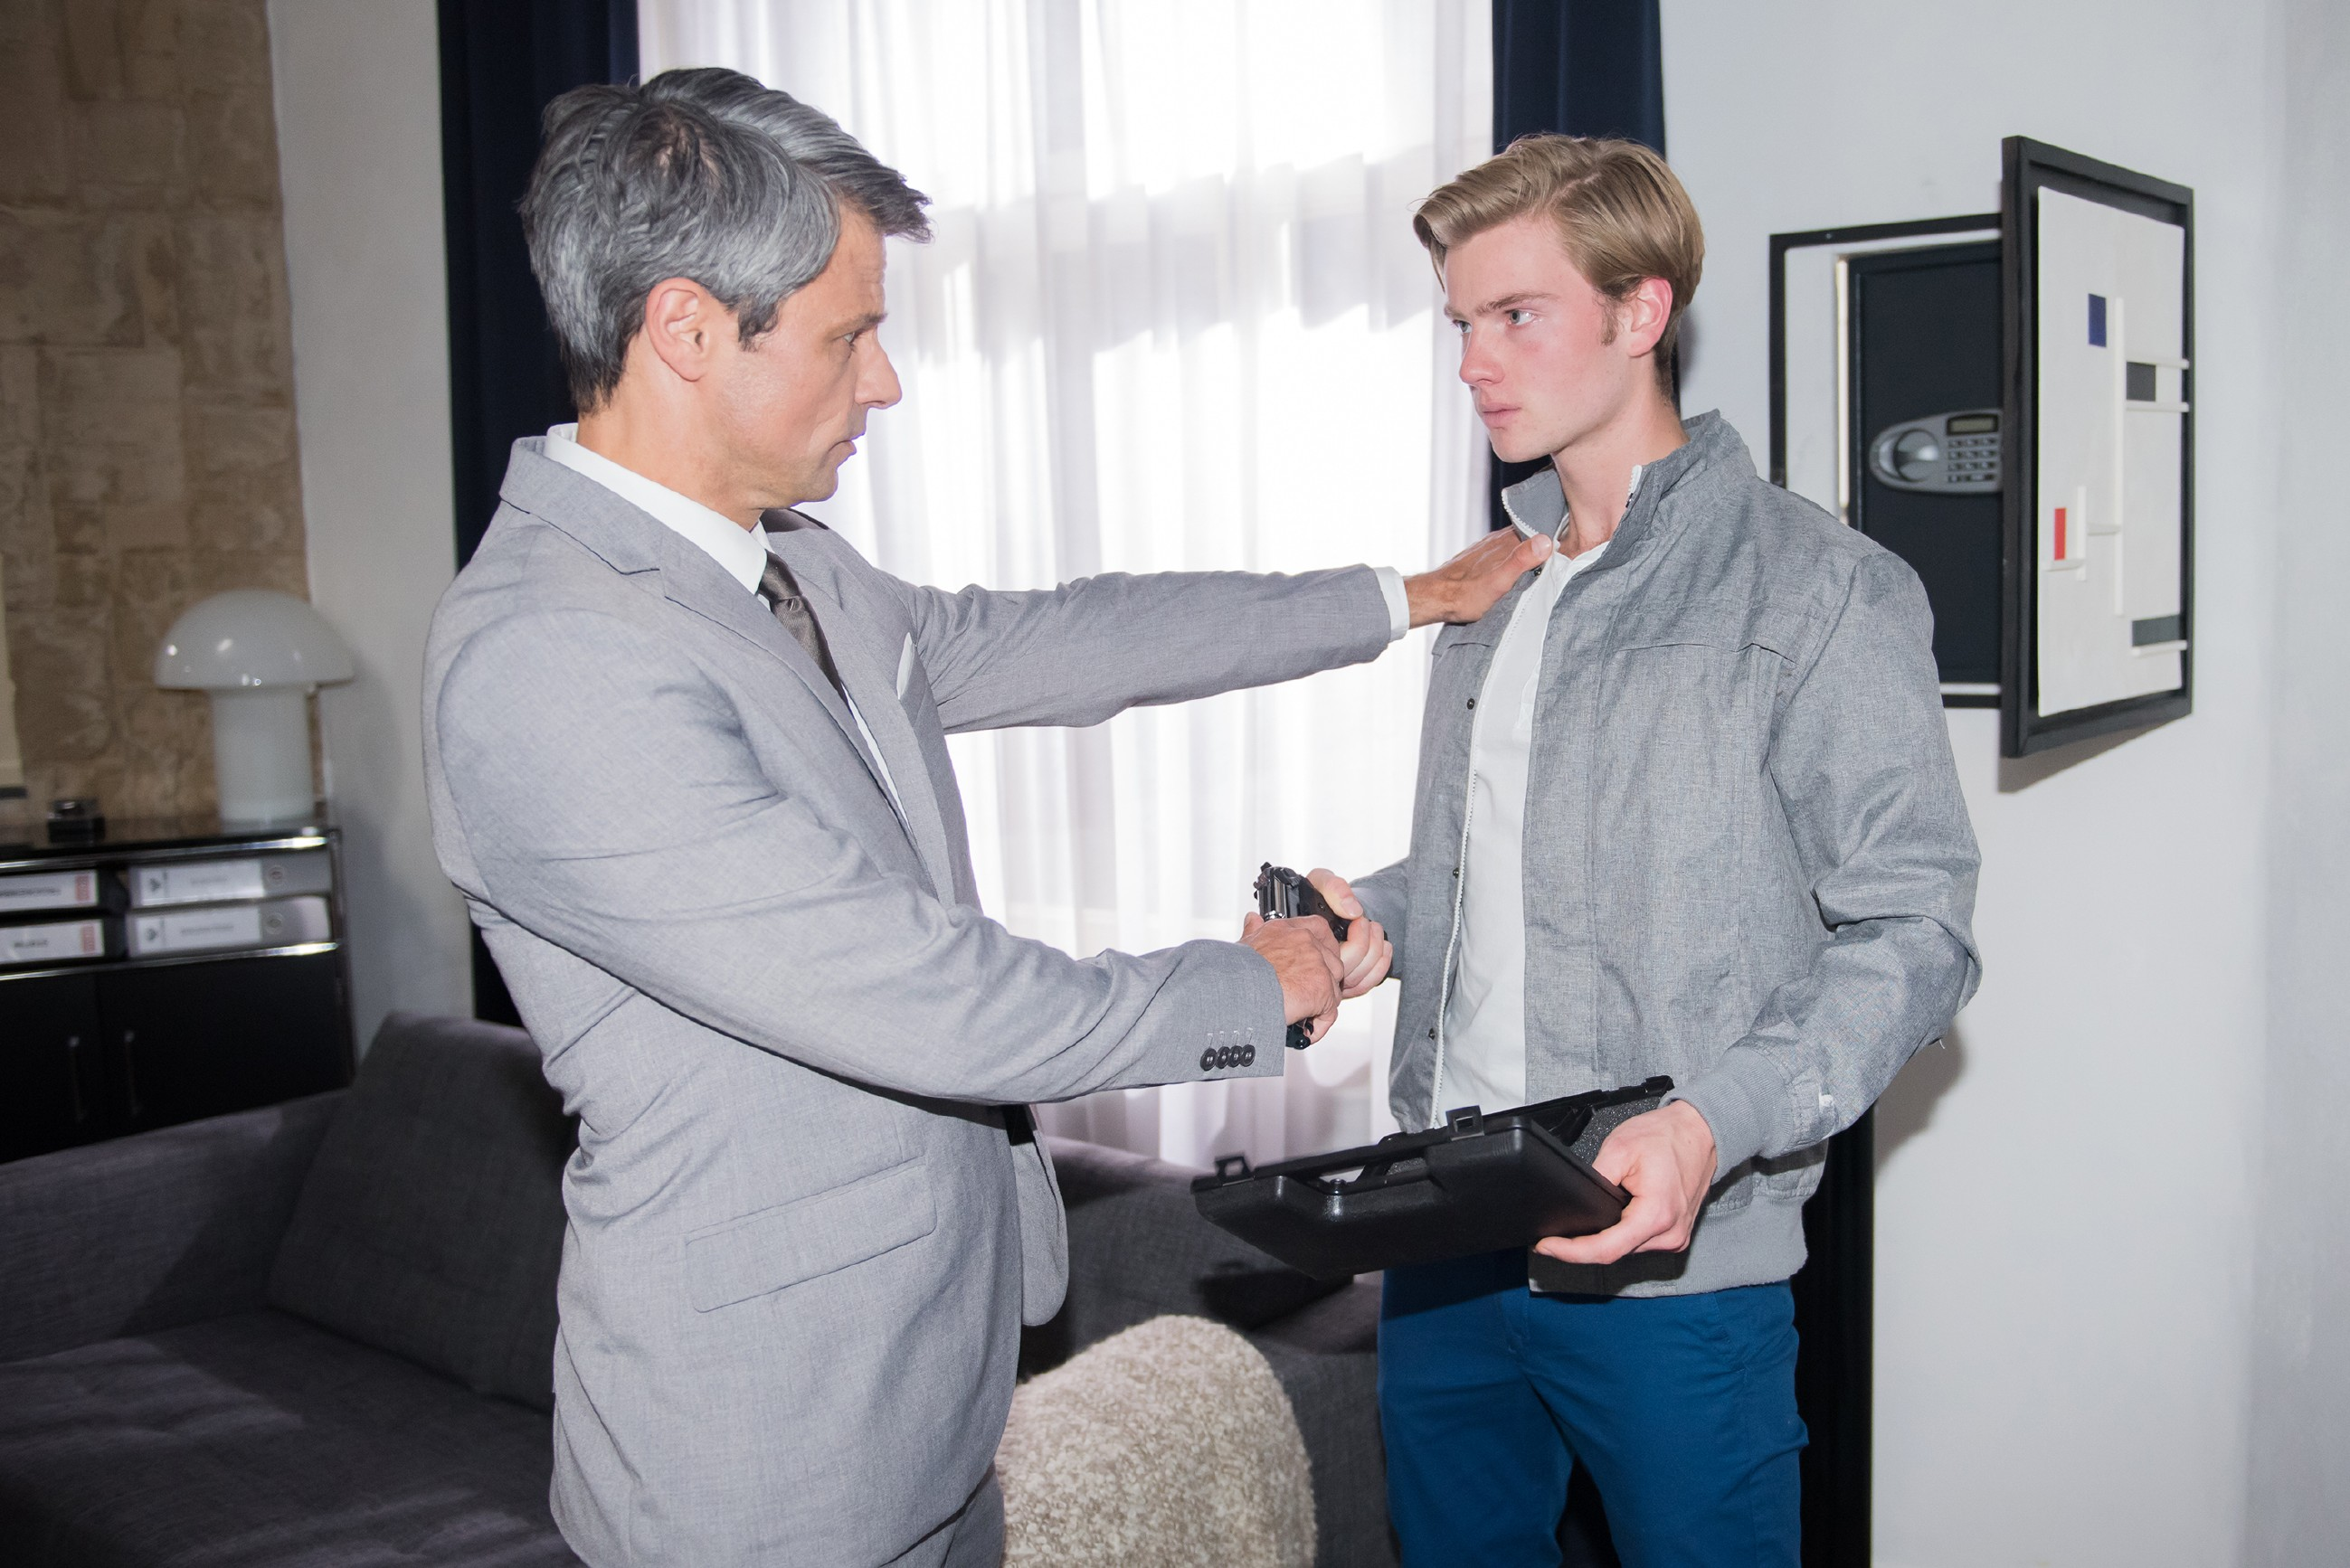 Als Valentin (Aaron Koszuta, r.) aus Angst vor Mario zu Benedikts (Jens Hajek) Waffe greift, wird er von seinem wütenden Vater erwischt. (Quelle: RTL / Stefan Behrens)